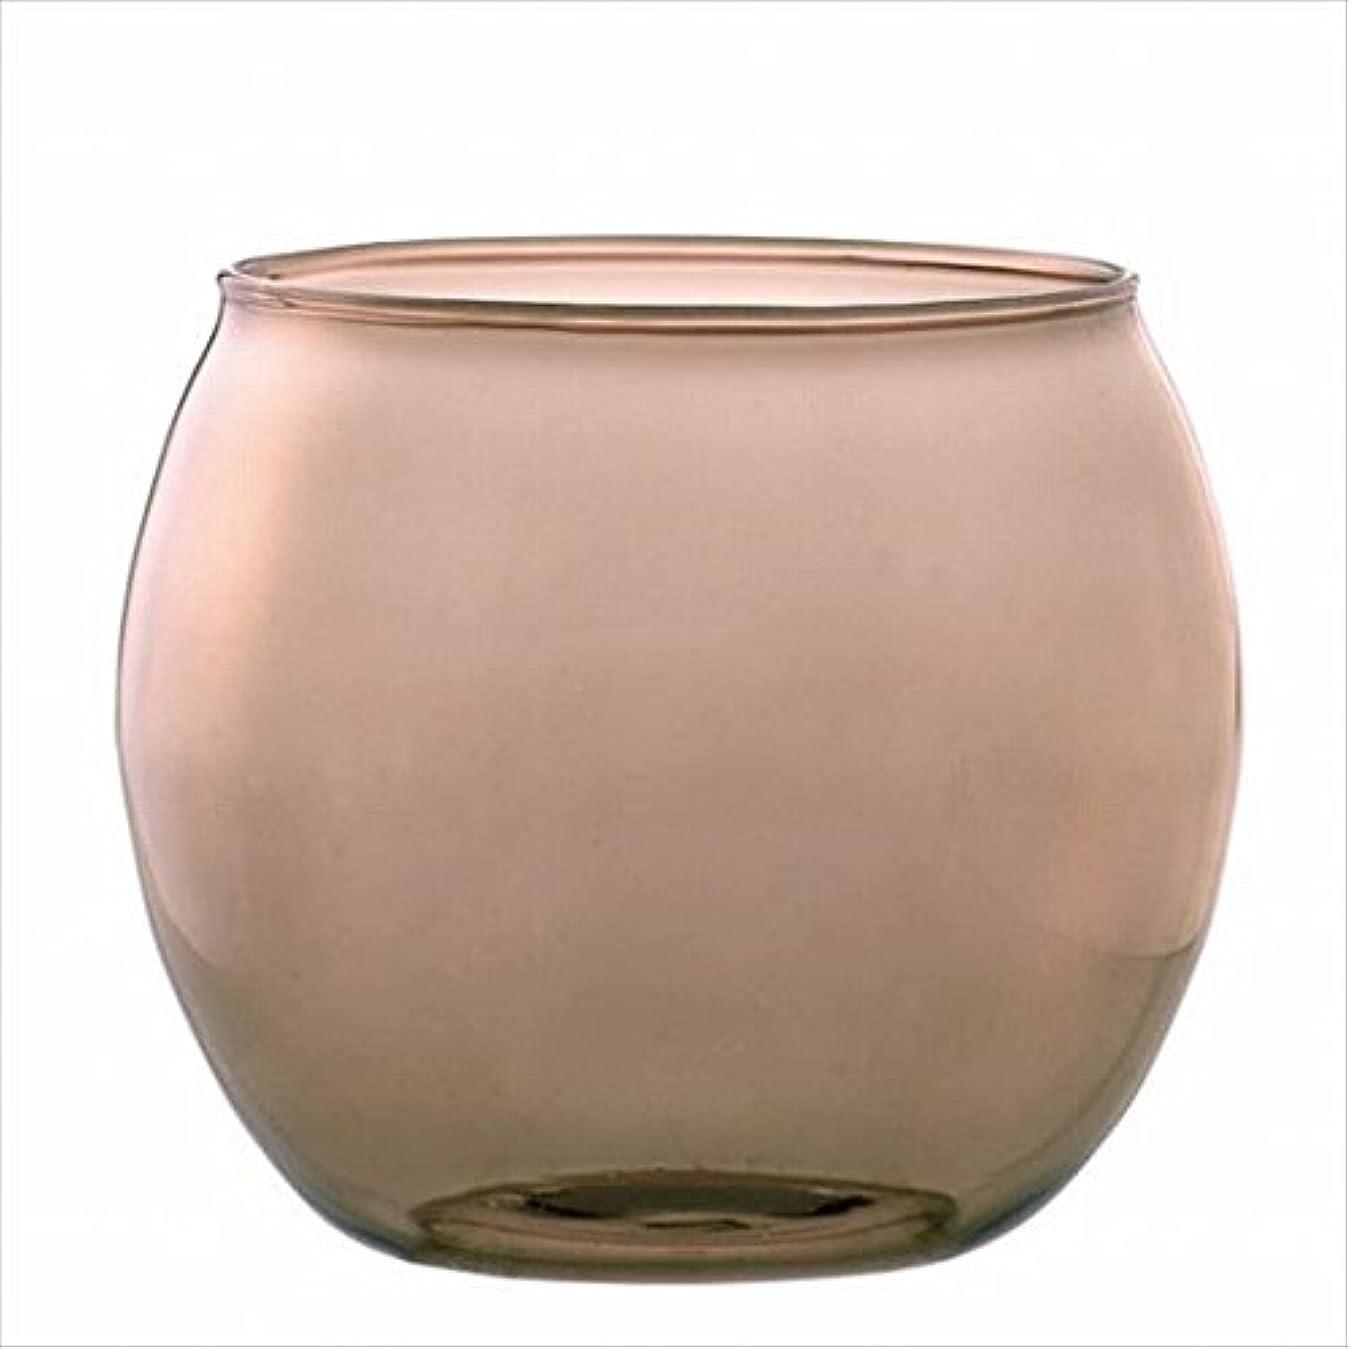 ゆるくブラザー使役カメヤマキャンドル(kameyama candle) スフィアキャンドルホルダー 「 ベージュ 」